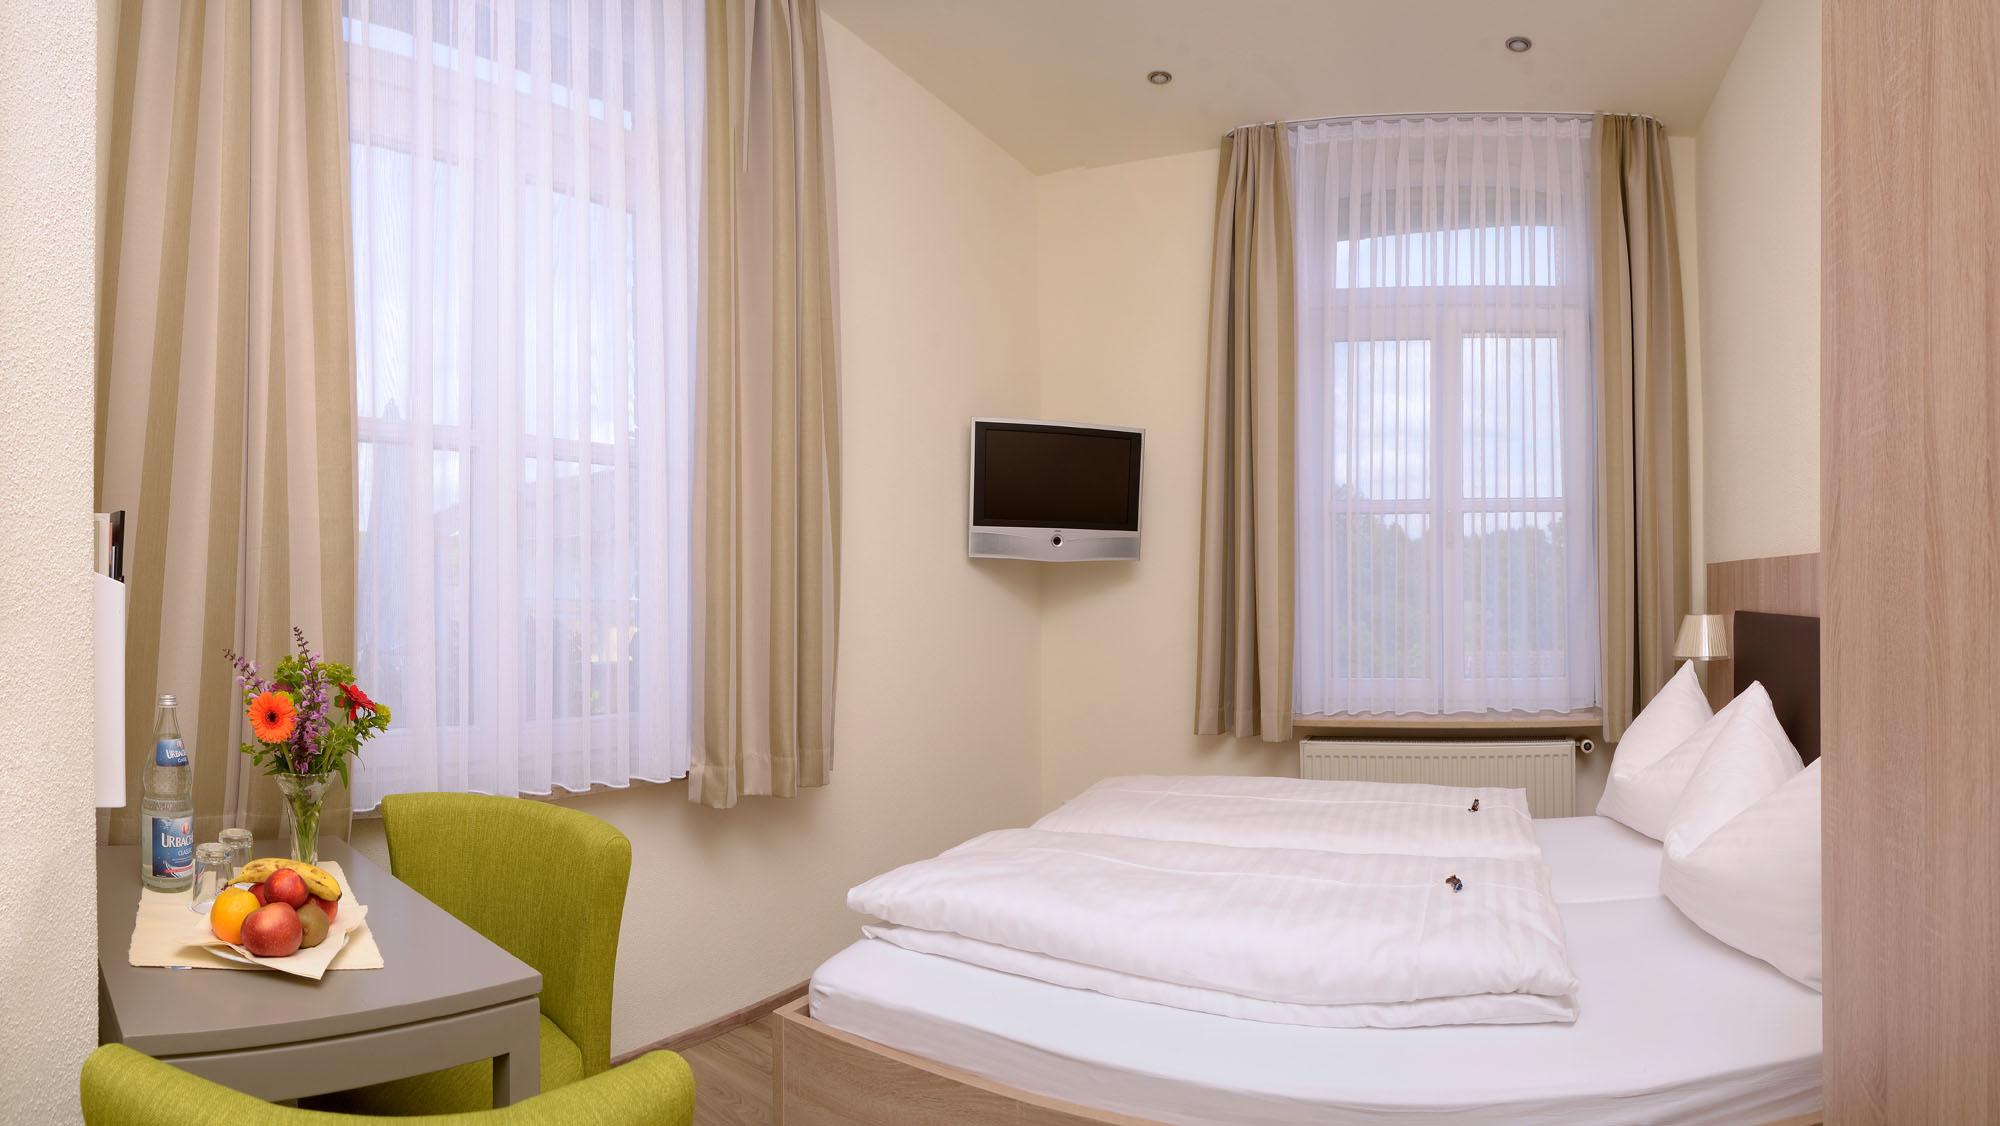 Doppelzimmer klein 14m²